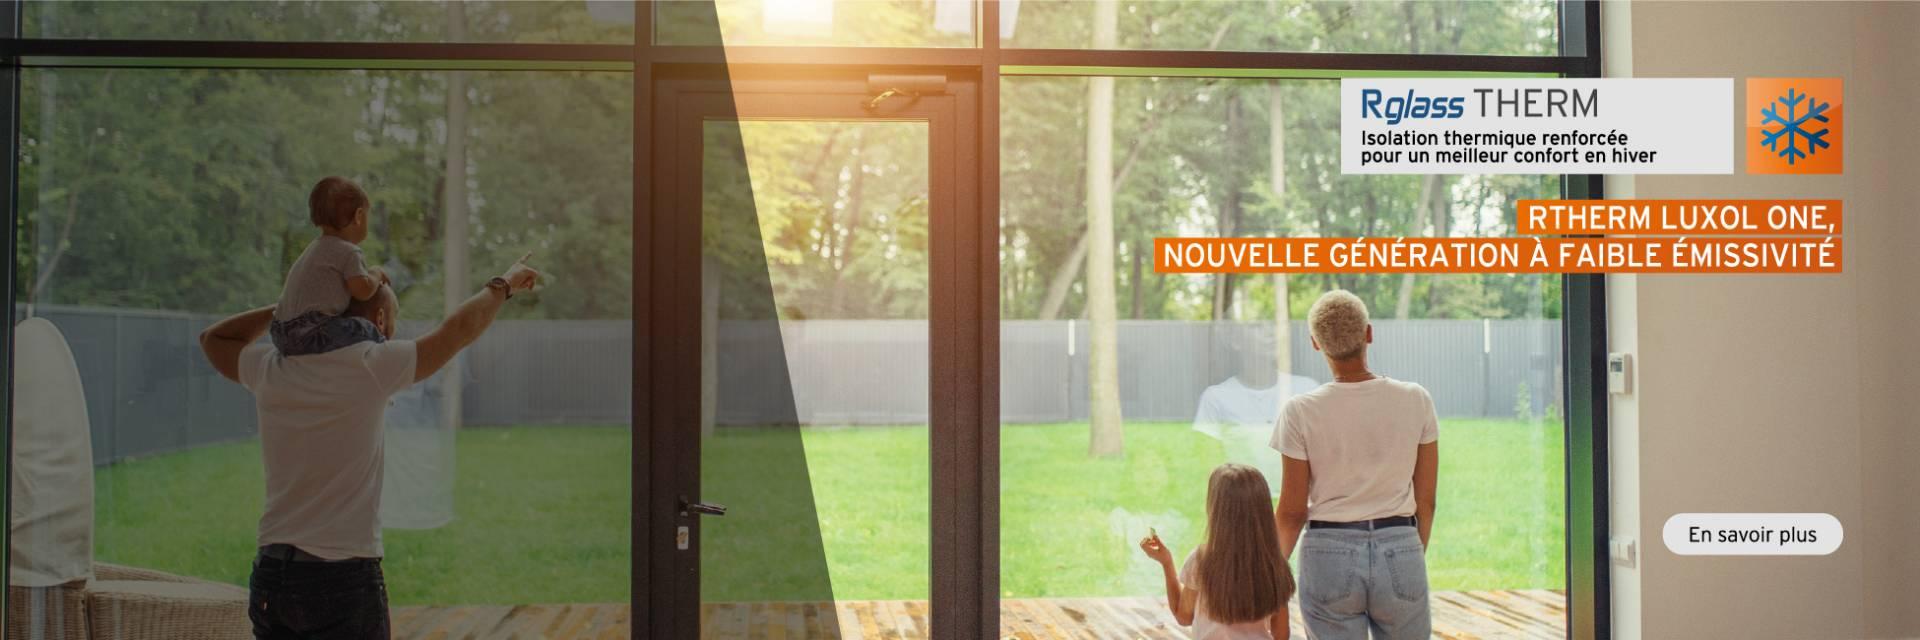 rTherm Luxol, nouvelle génération de verre à faible émissivité